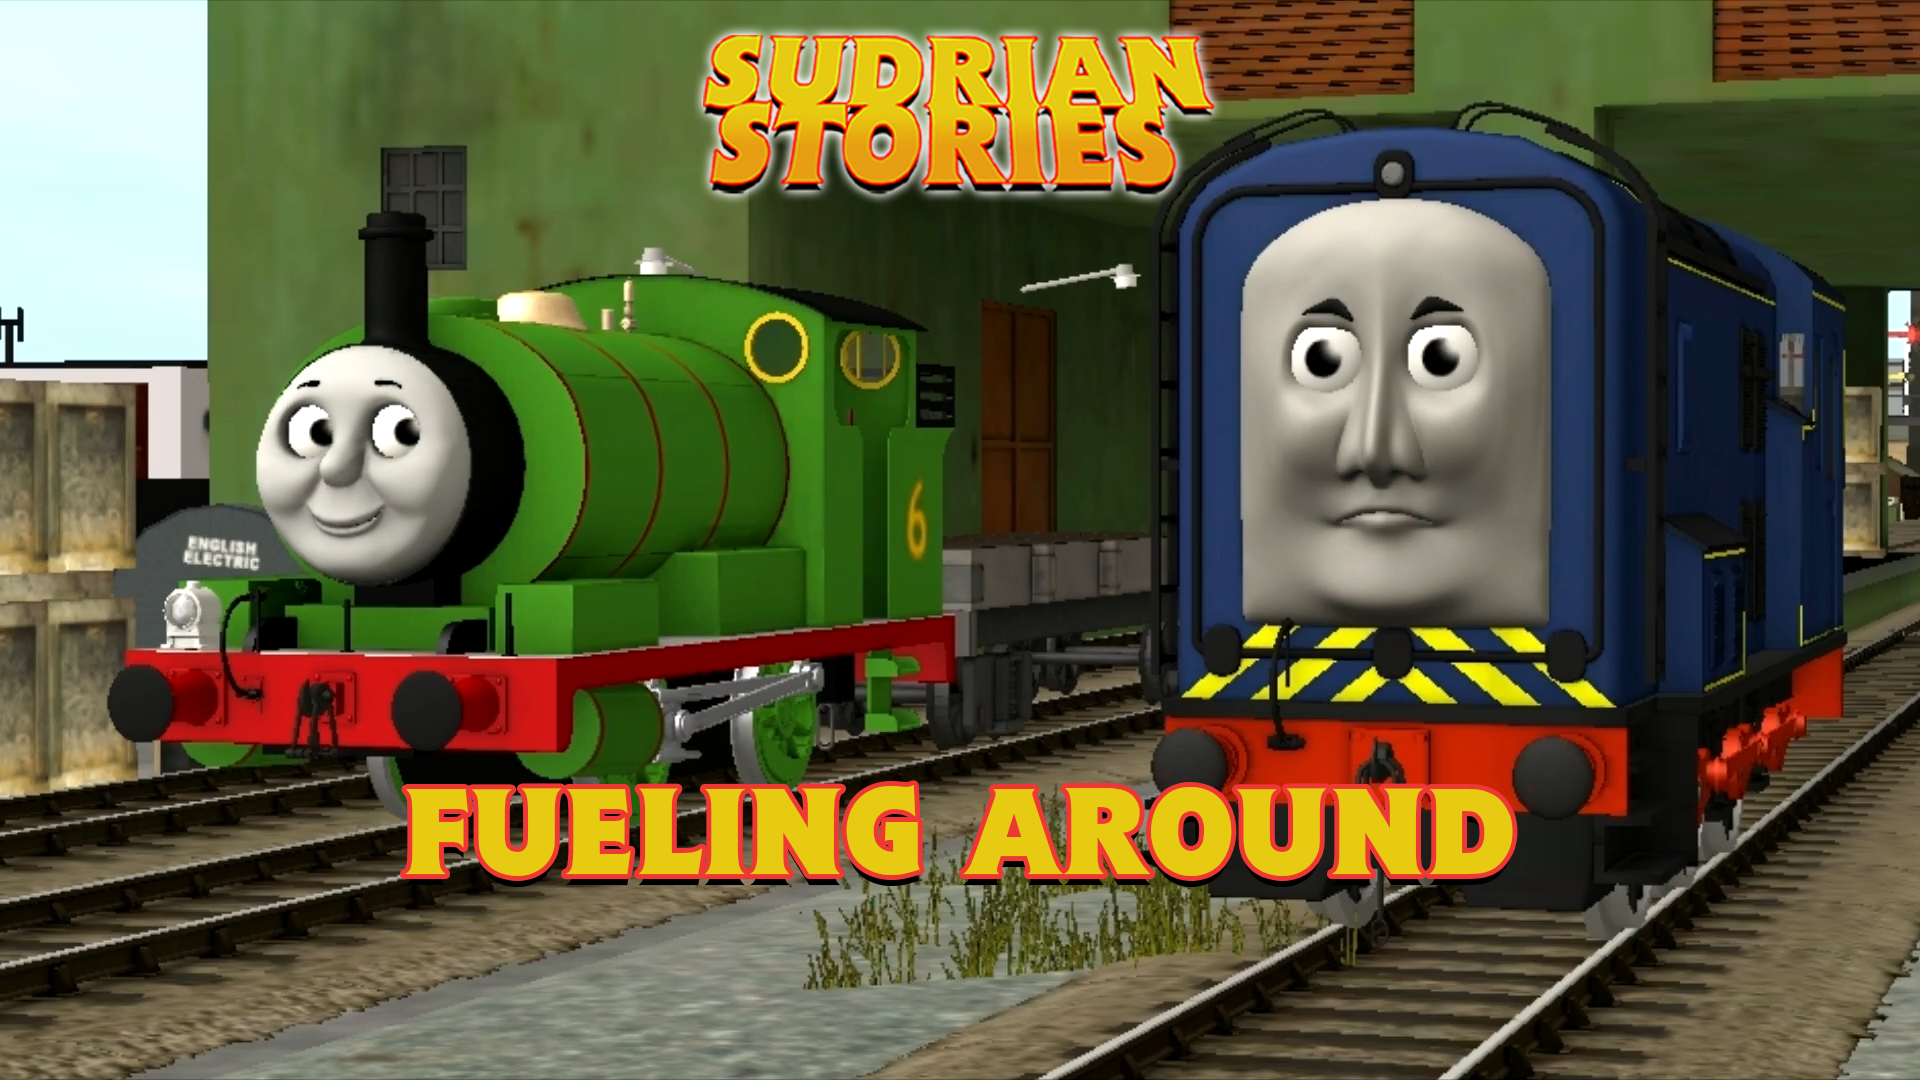 Fueling Around | Sudrian Stories Wiki | FANDOM powered by Wikia